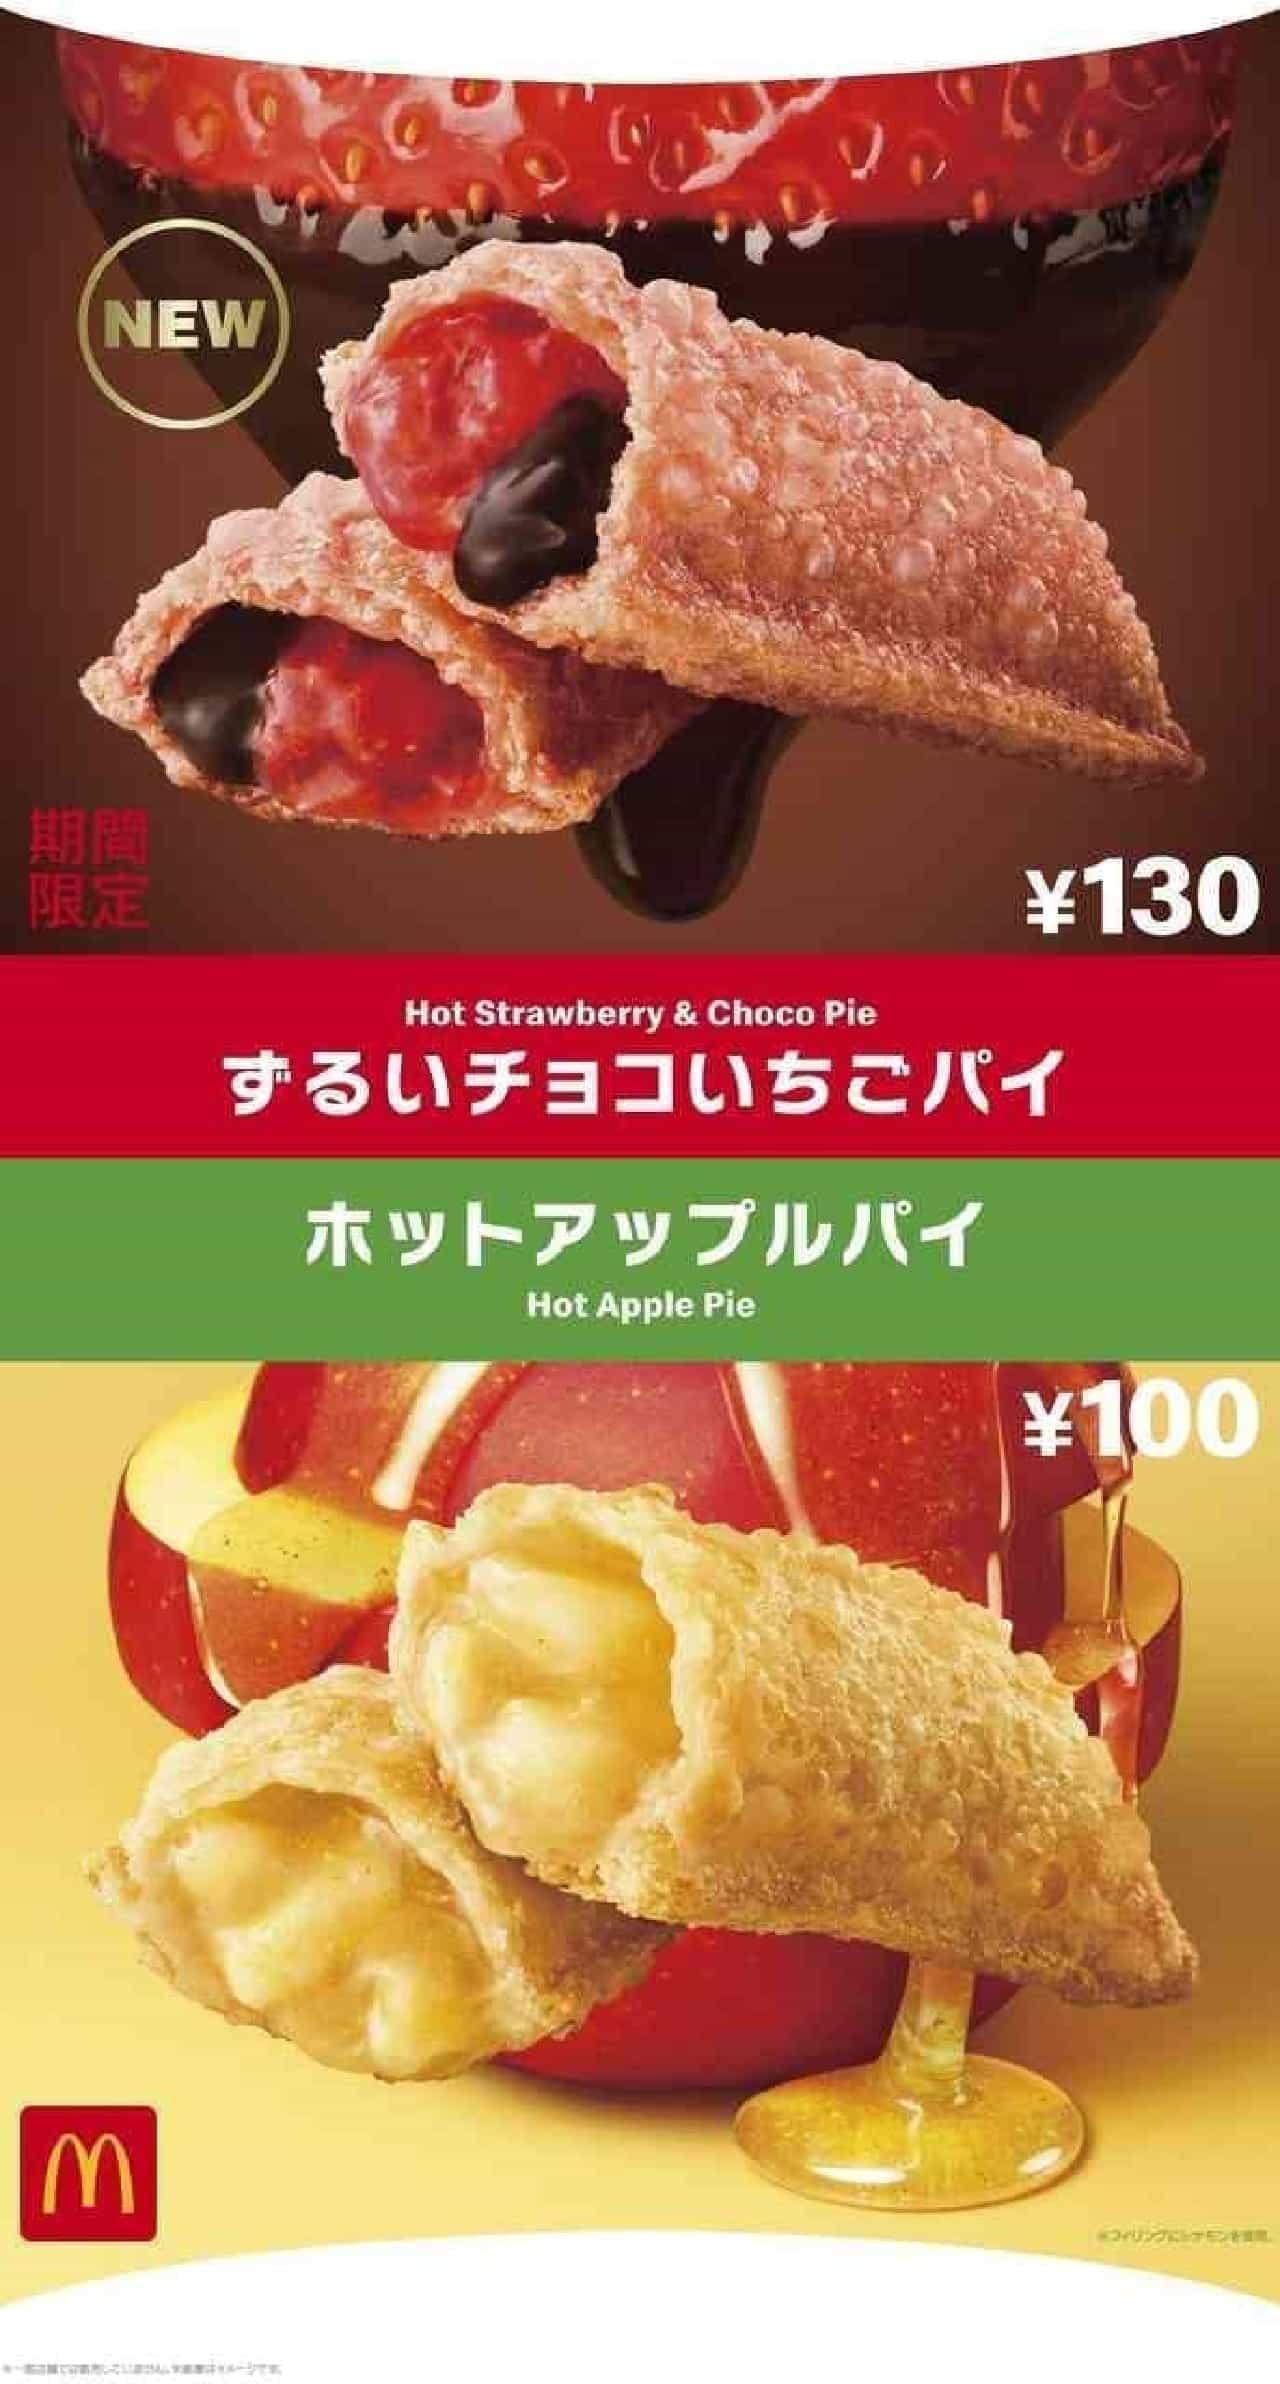 マクドナルド新作フルーツパイ「ずるいチョコいちごパイ」